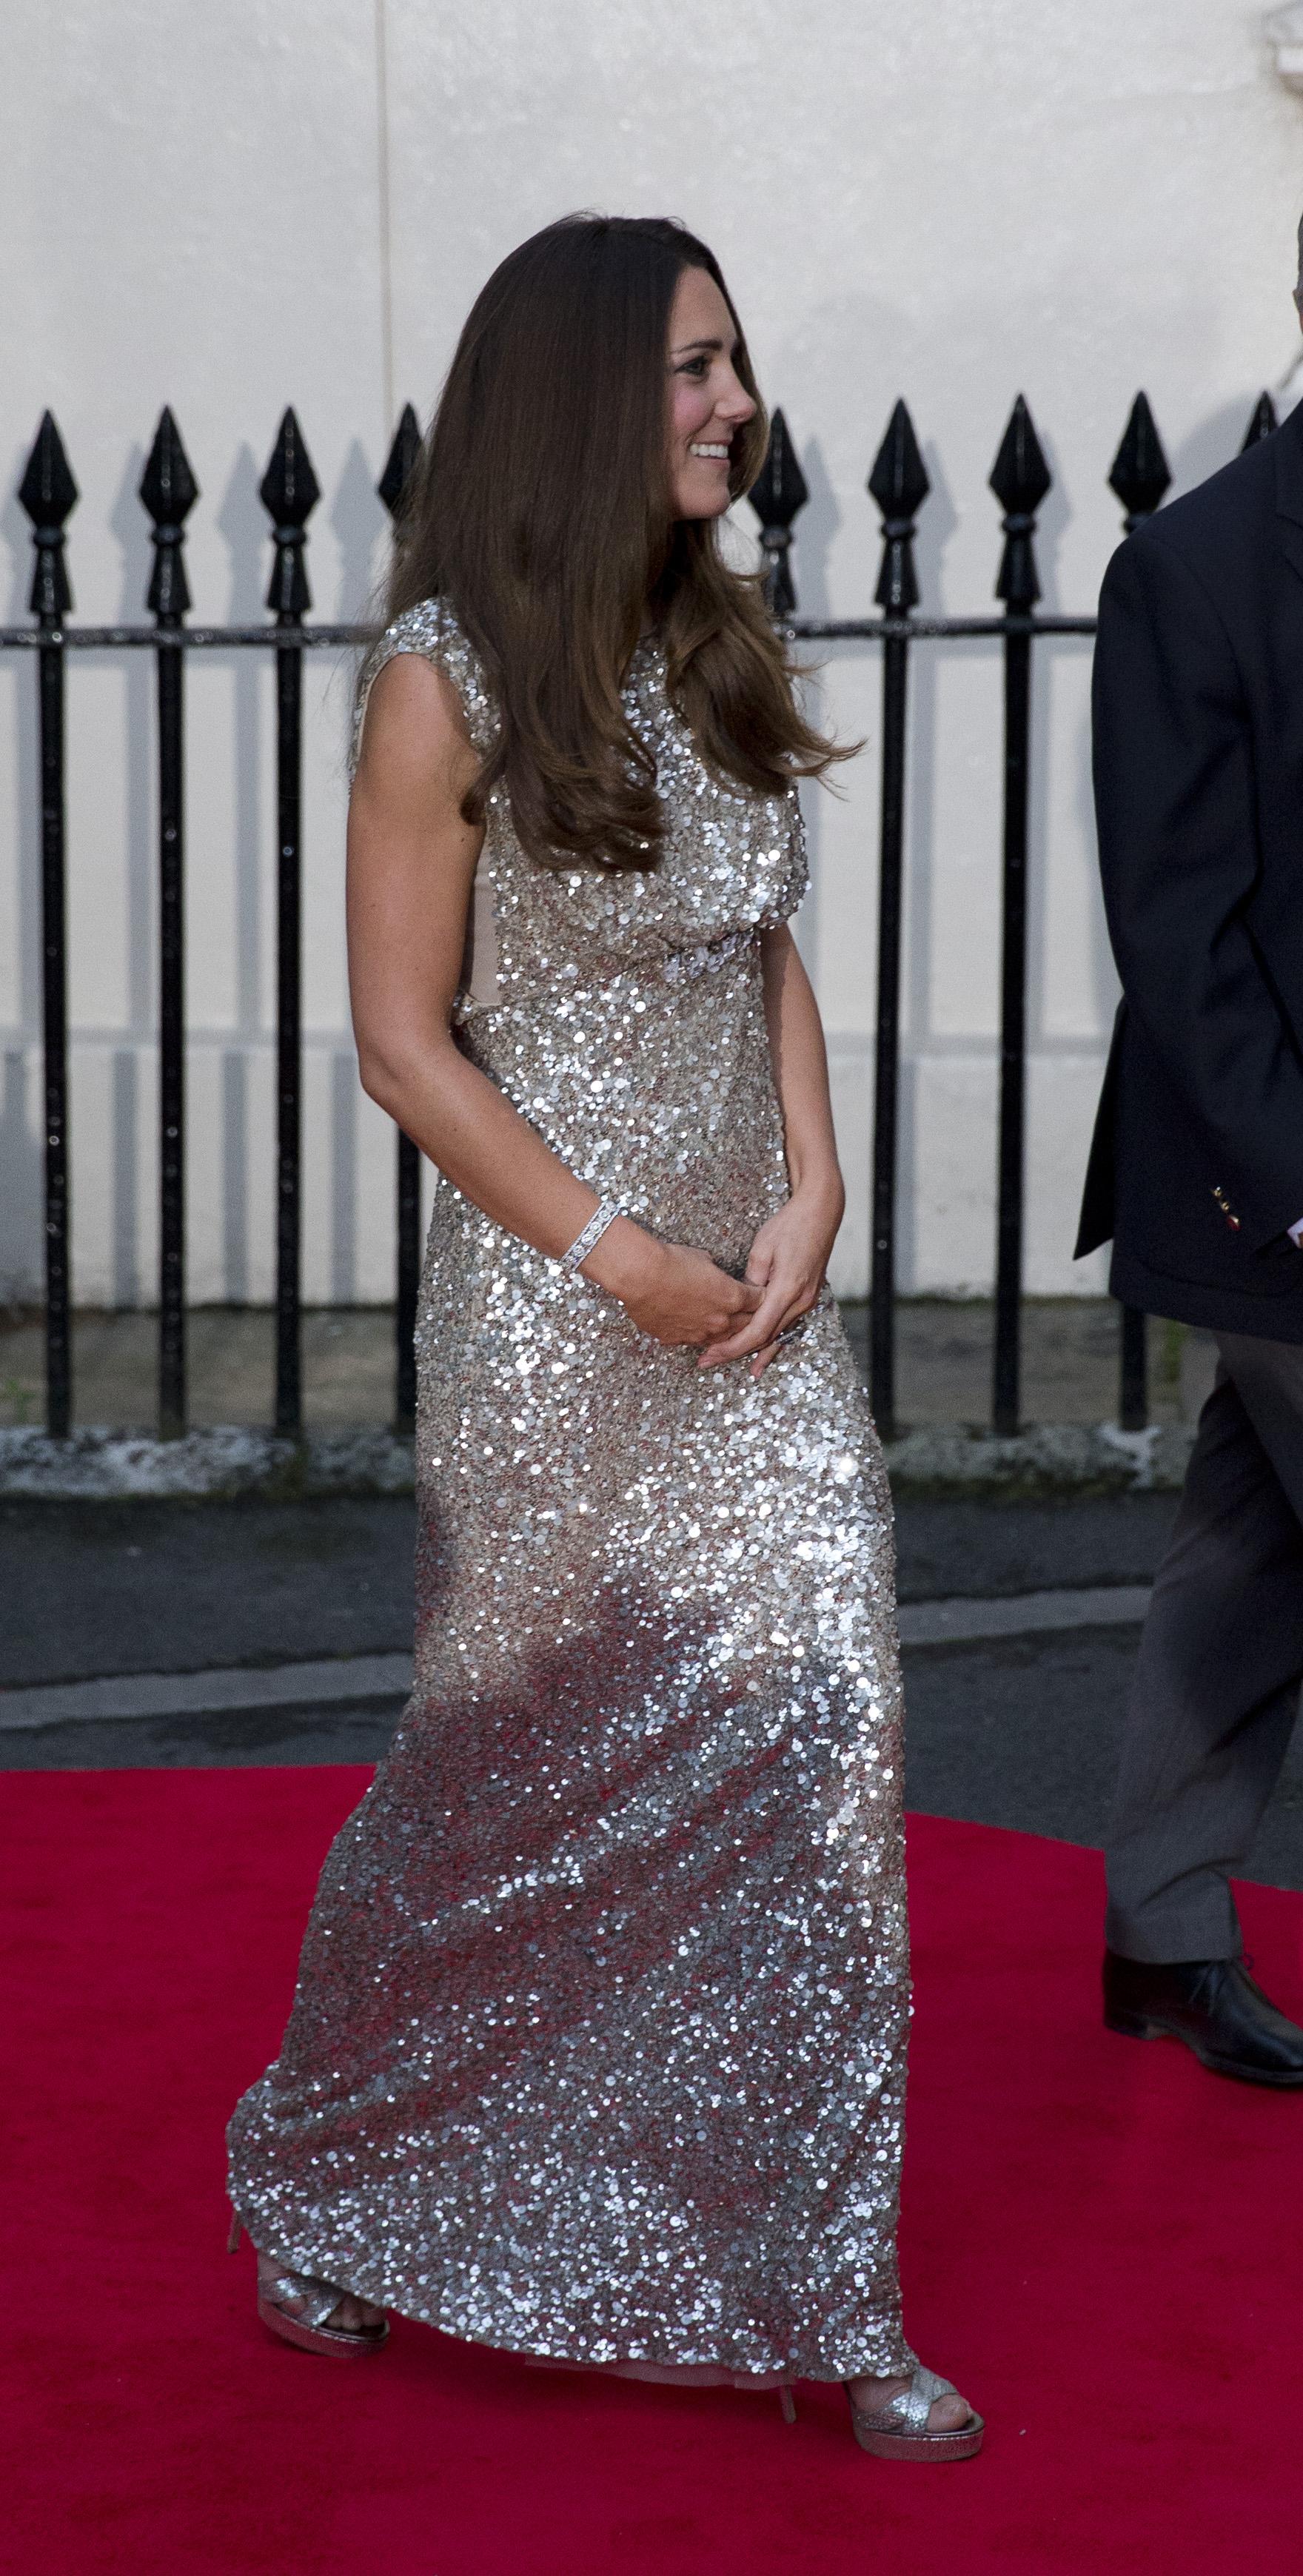 Кейт Миддлтон в платье Jenny Packham  на церемонии Tusk Conservation Awards  в Лондоне